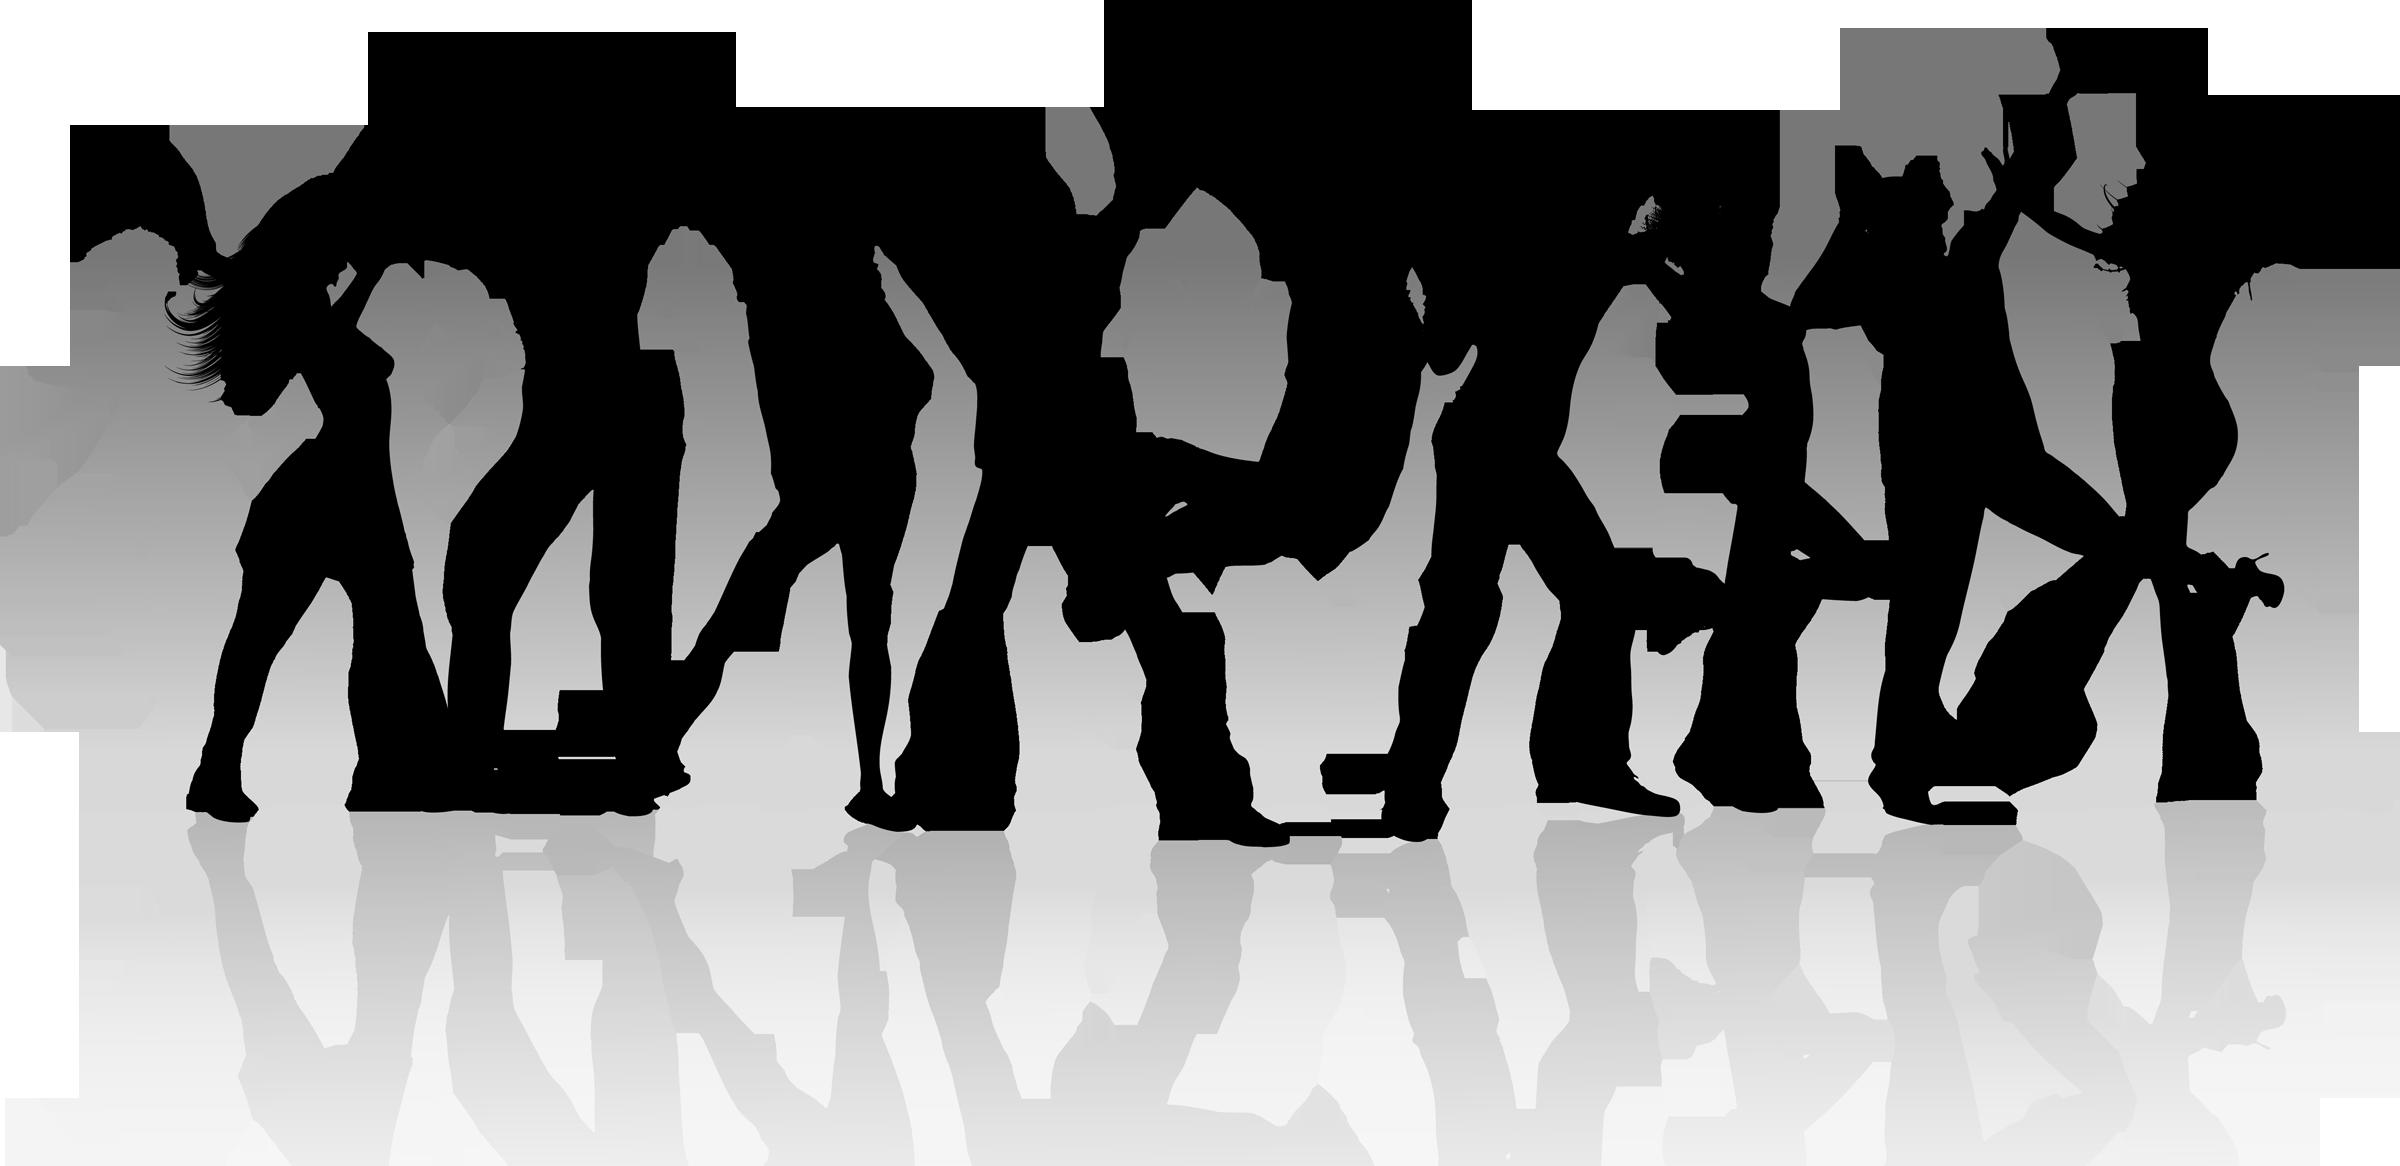 Dj clipart silhouette. Dance clip art transparent